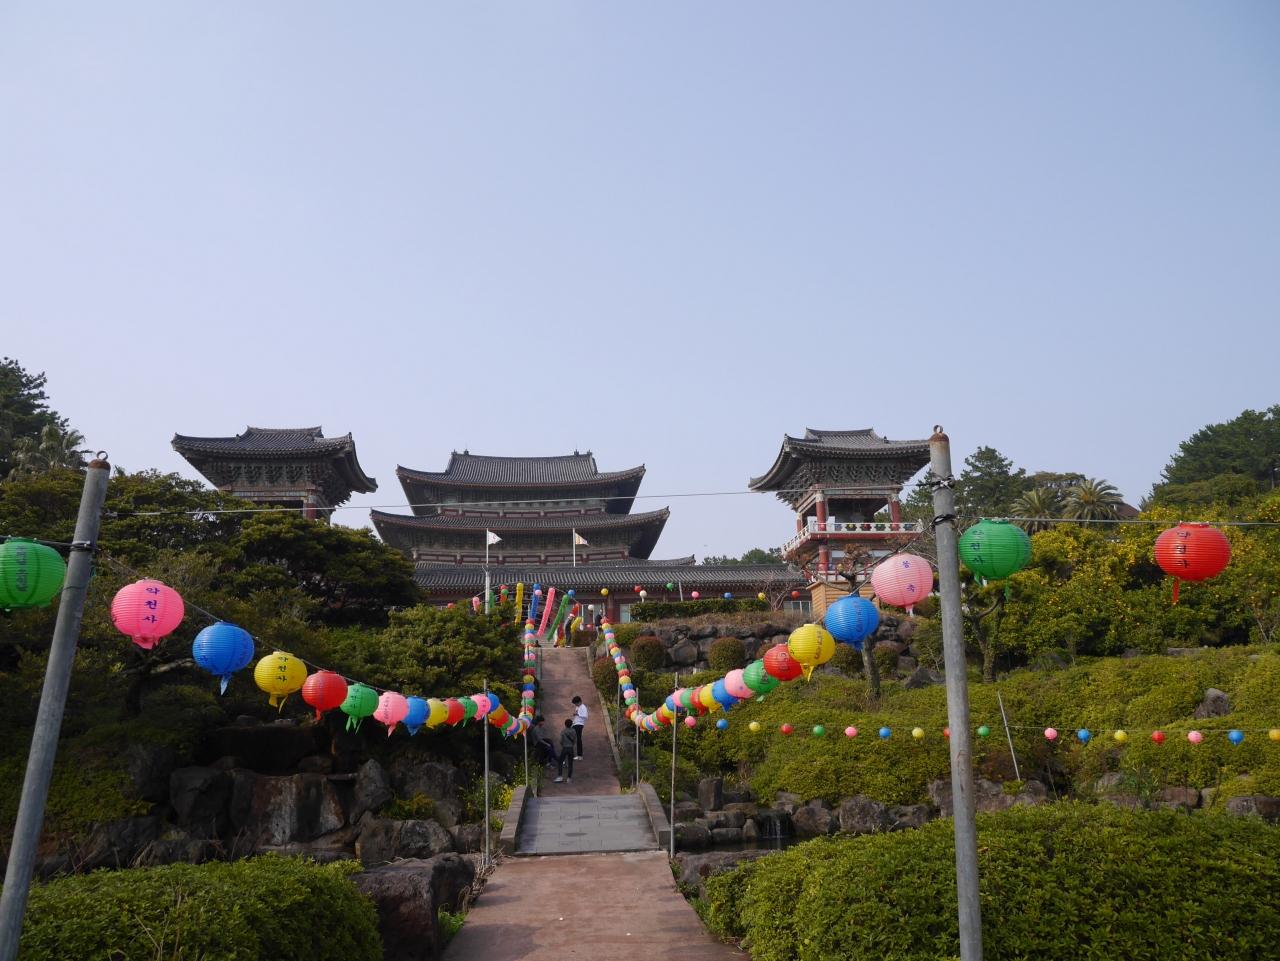 韓国34回目 〜済州島1日目・�薬泉寺〜